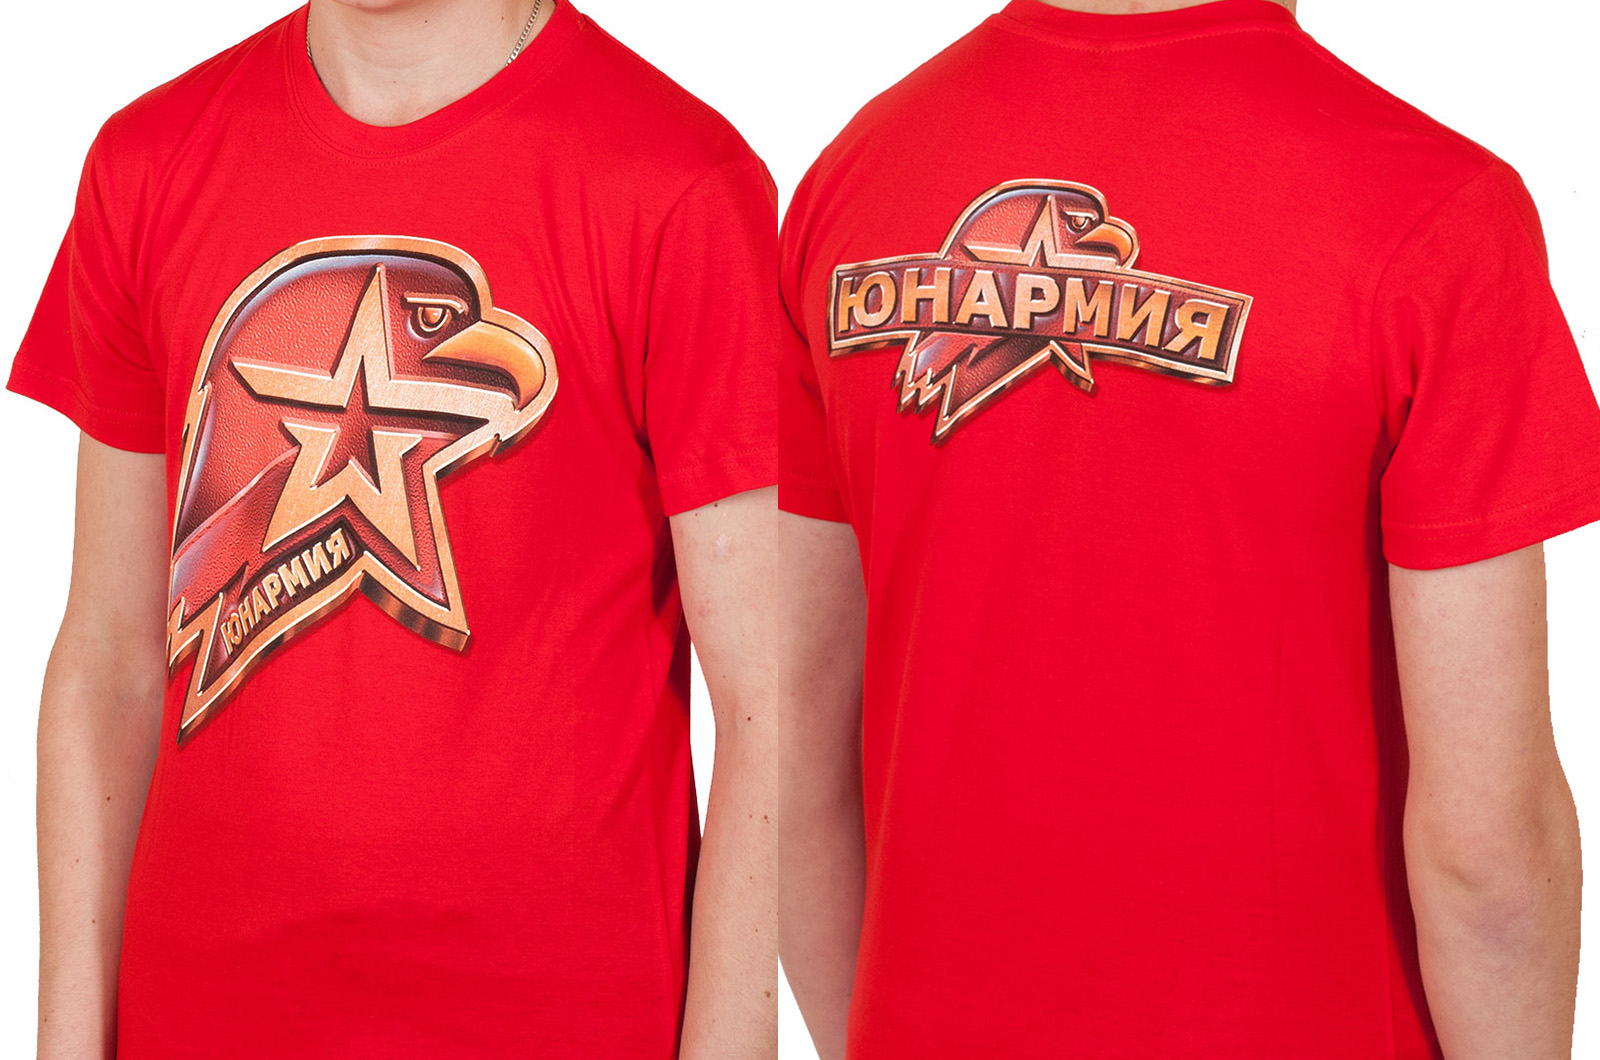 Красная футболка Юнармии с доставкой